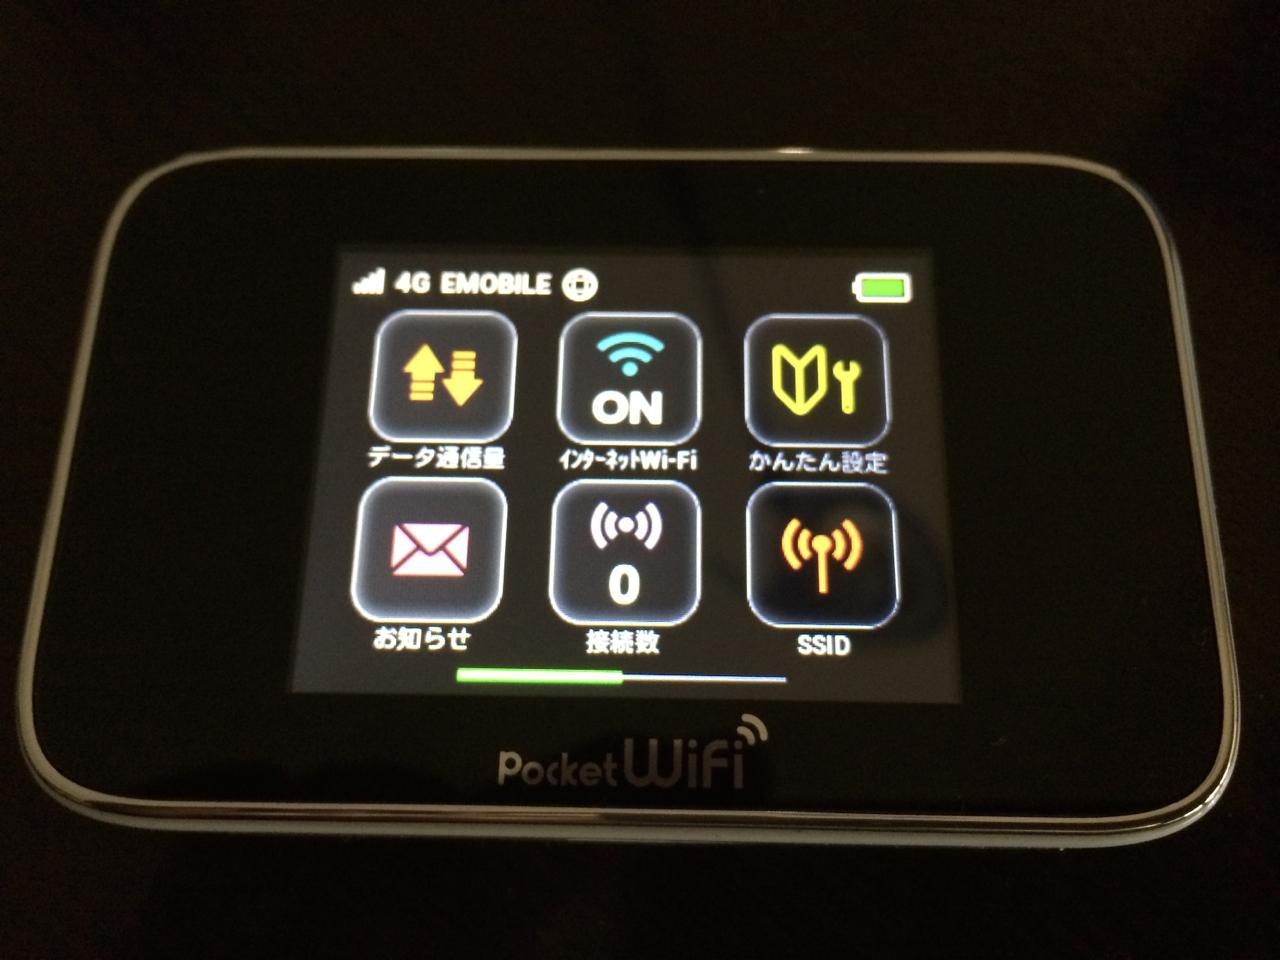 イー・モバイル Pocket WiFi GL10Pがやってきた! 速度比較結果!GL10Pは速かった!!